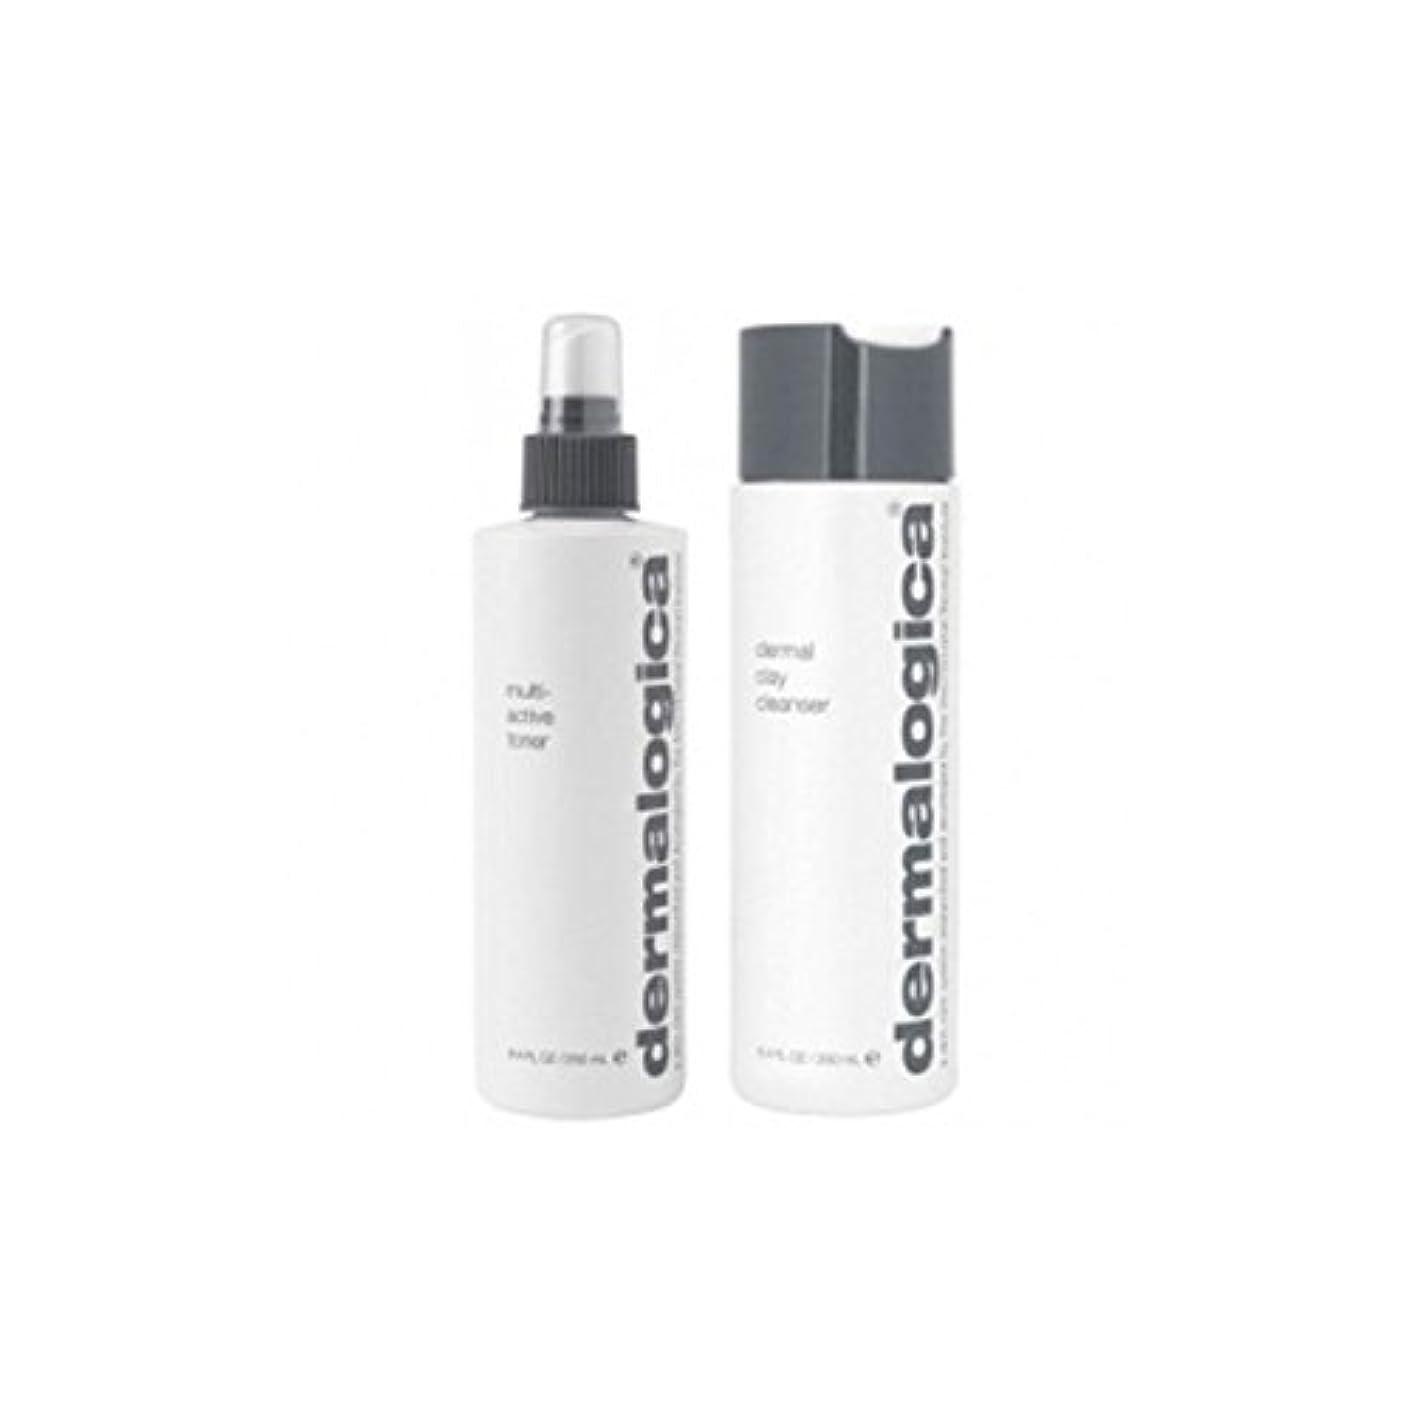 非アクティブ診断する好意的ダーマロジカクレンジング&トーンデュオ - 脂性肌(2製品) x2 - Dermalogica Cleanse & Tone Duo - Oily Skin (2 Products) (Pack of 2) [並行輸入品]